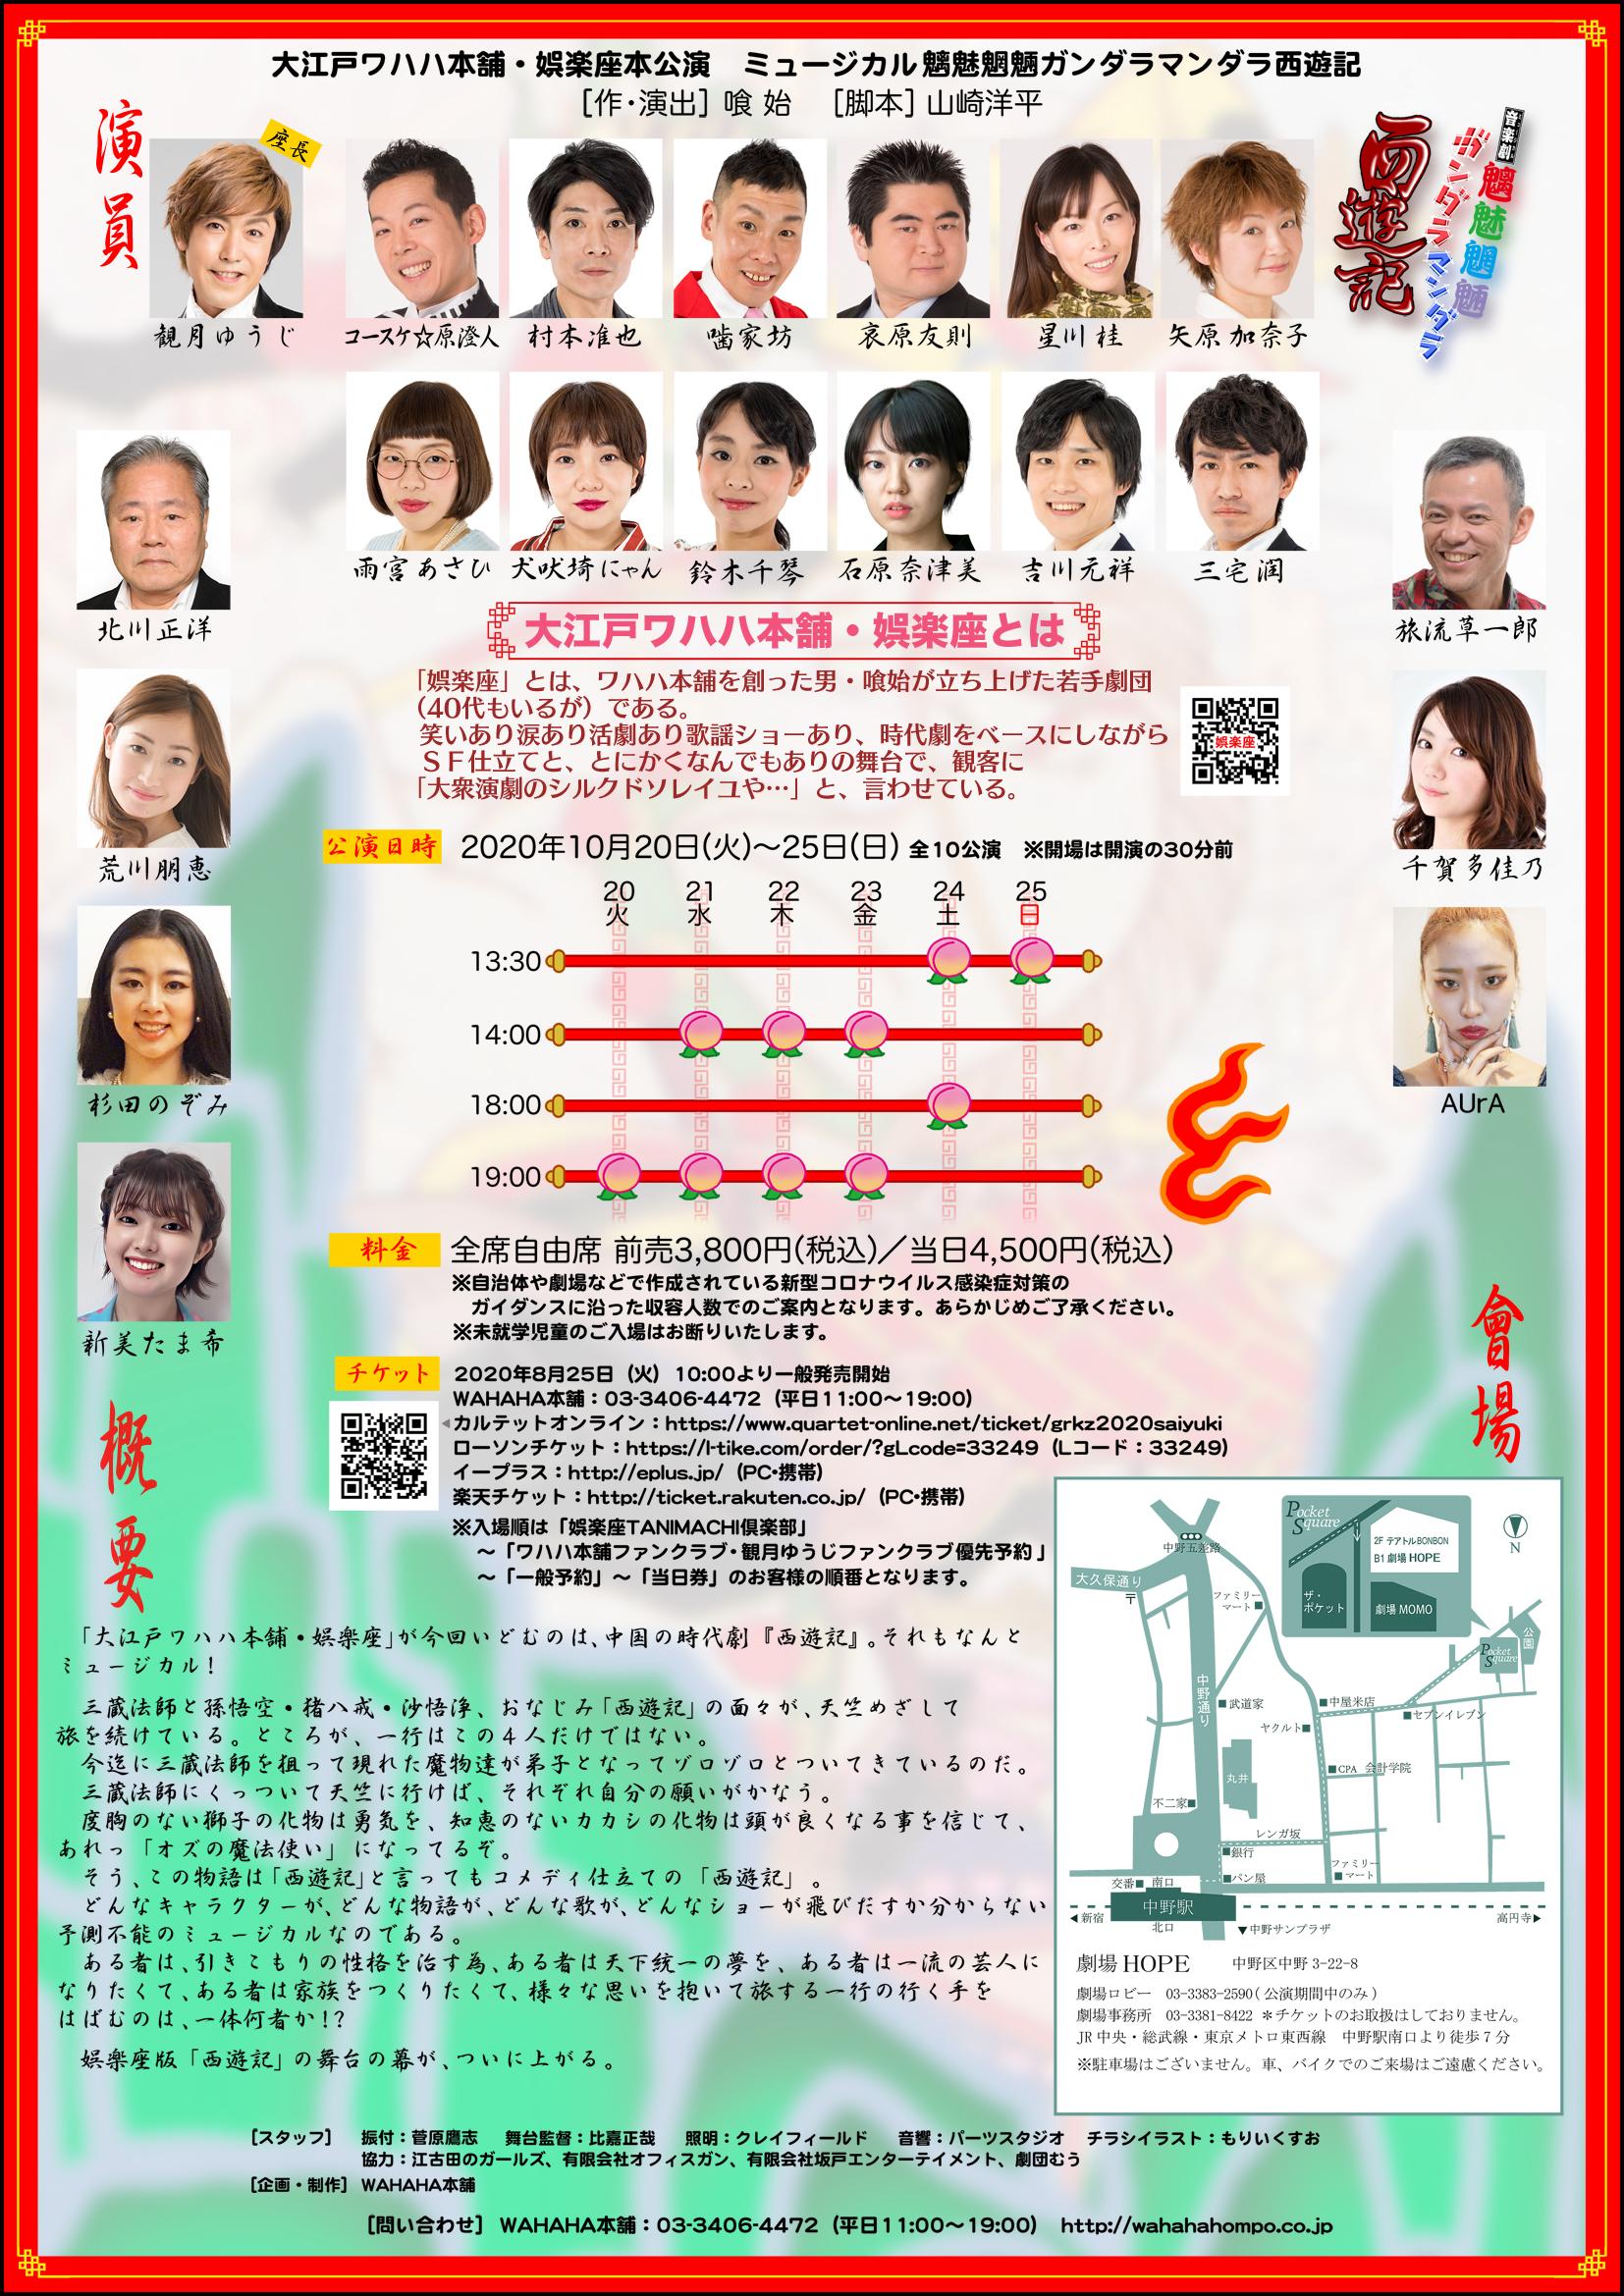 娯楽座本公演「魑魅魍魎ガンダラマンダラ西遊記」公演応援のお知らせ